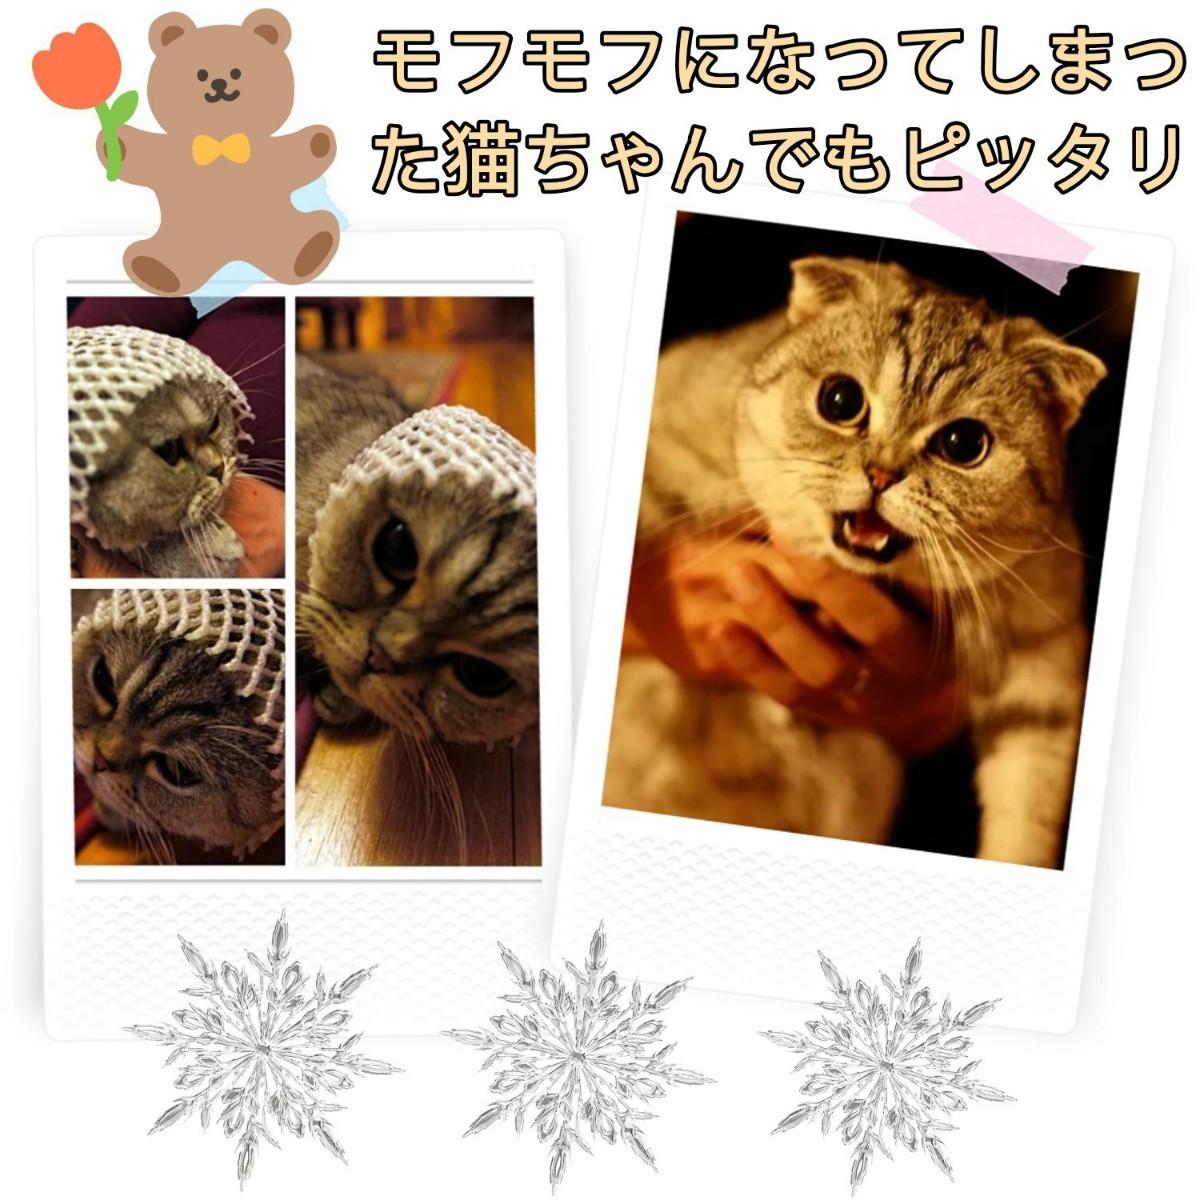 4枚セット        ピンク三角猫ハンモック 猫ベッド キャットタワー 冬対策 猫用品猫グッズ 11